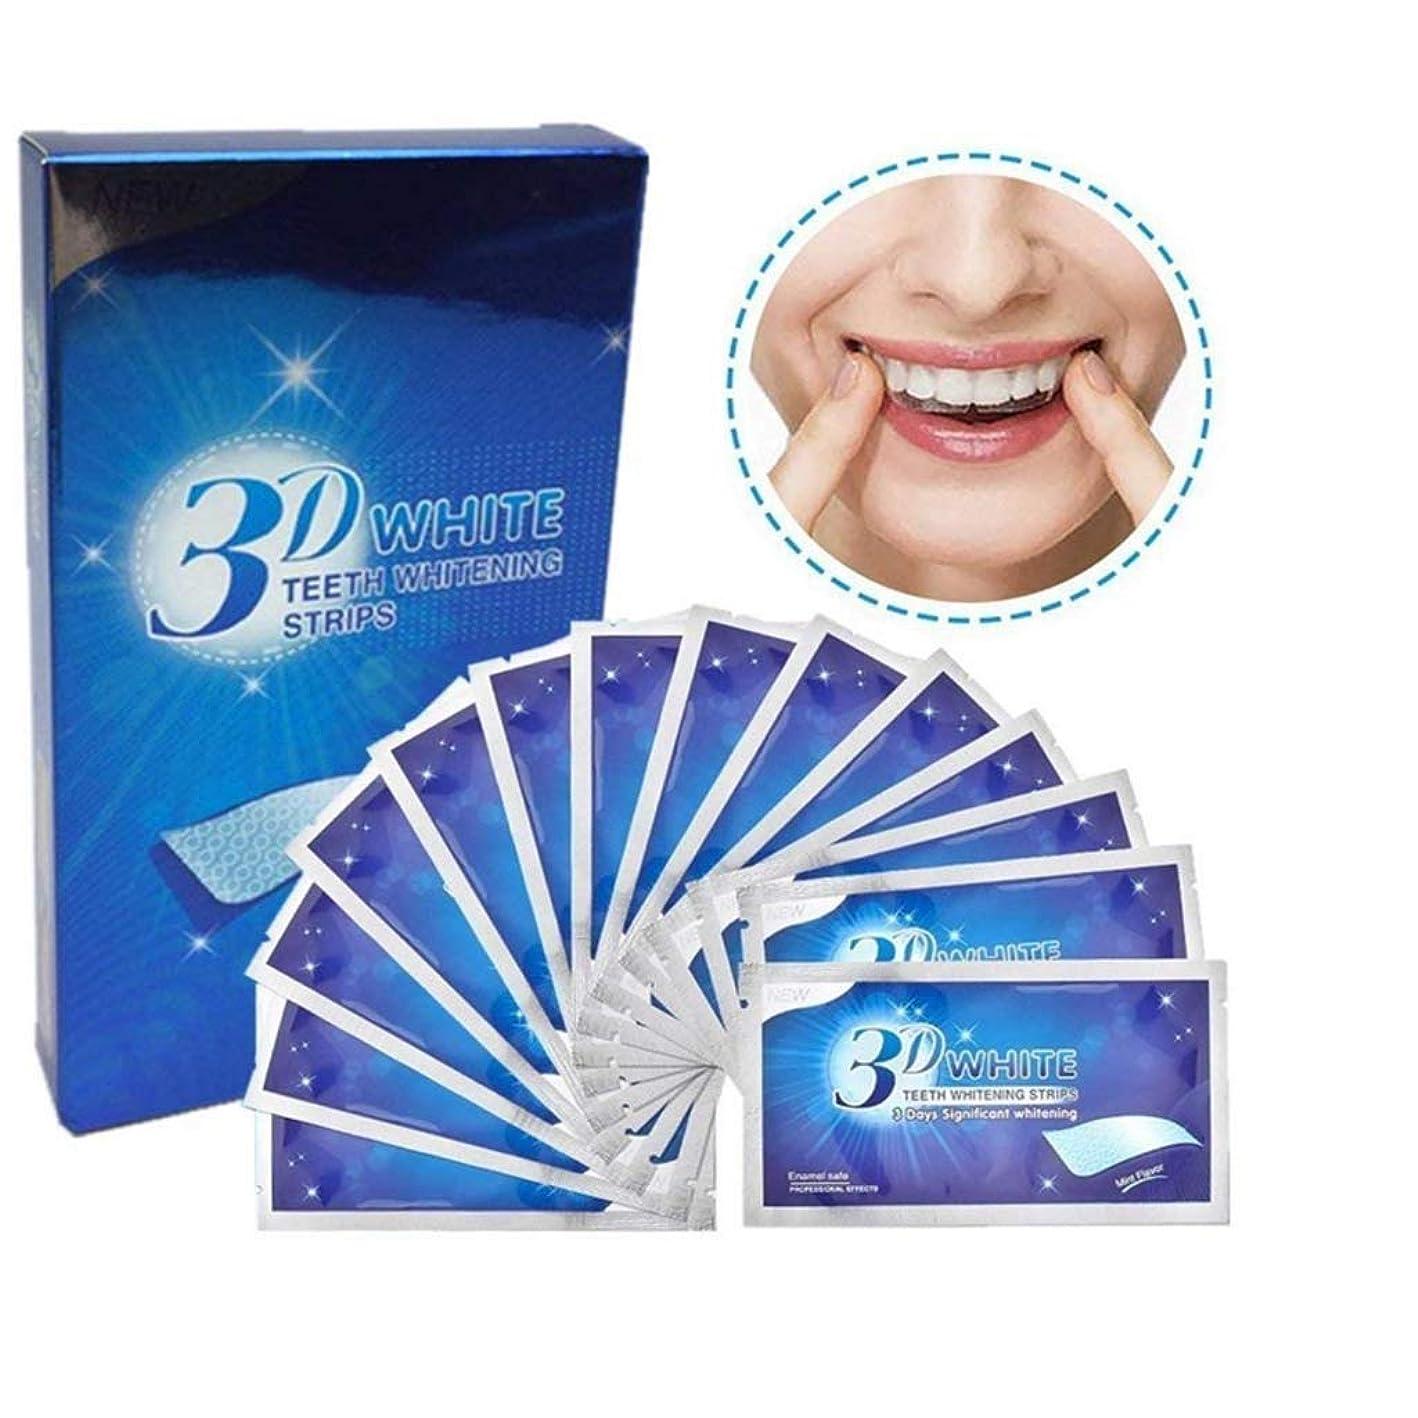 ビーチ苦しみシミュレートするWENER 歯を白くするストリップ、プロフェッショナルな歯を漂白するゲルストリップ有効な歯科用ケアキット歯垢を除去しますー14パック28枚 ドライ ホワイトニング